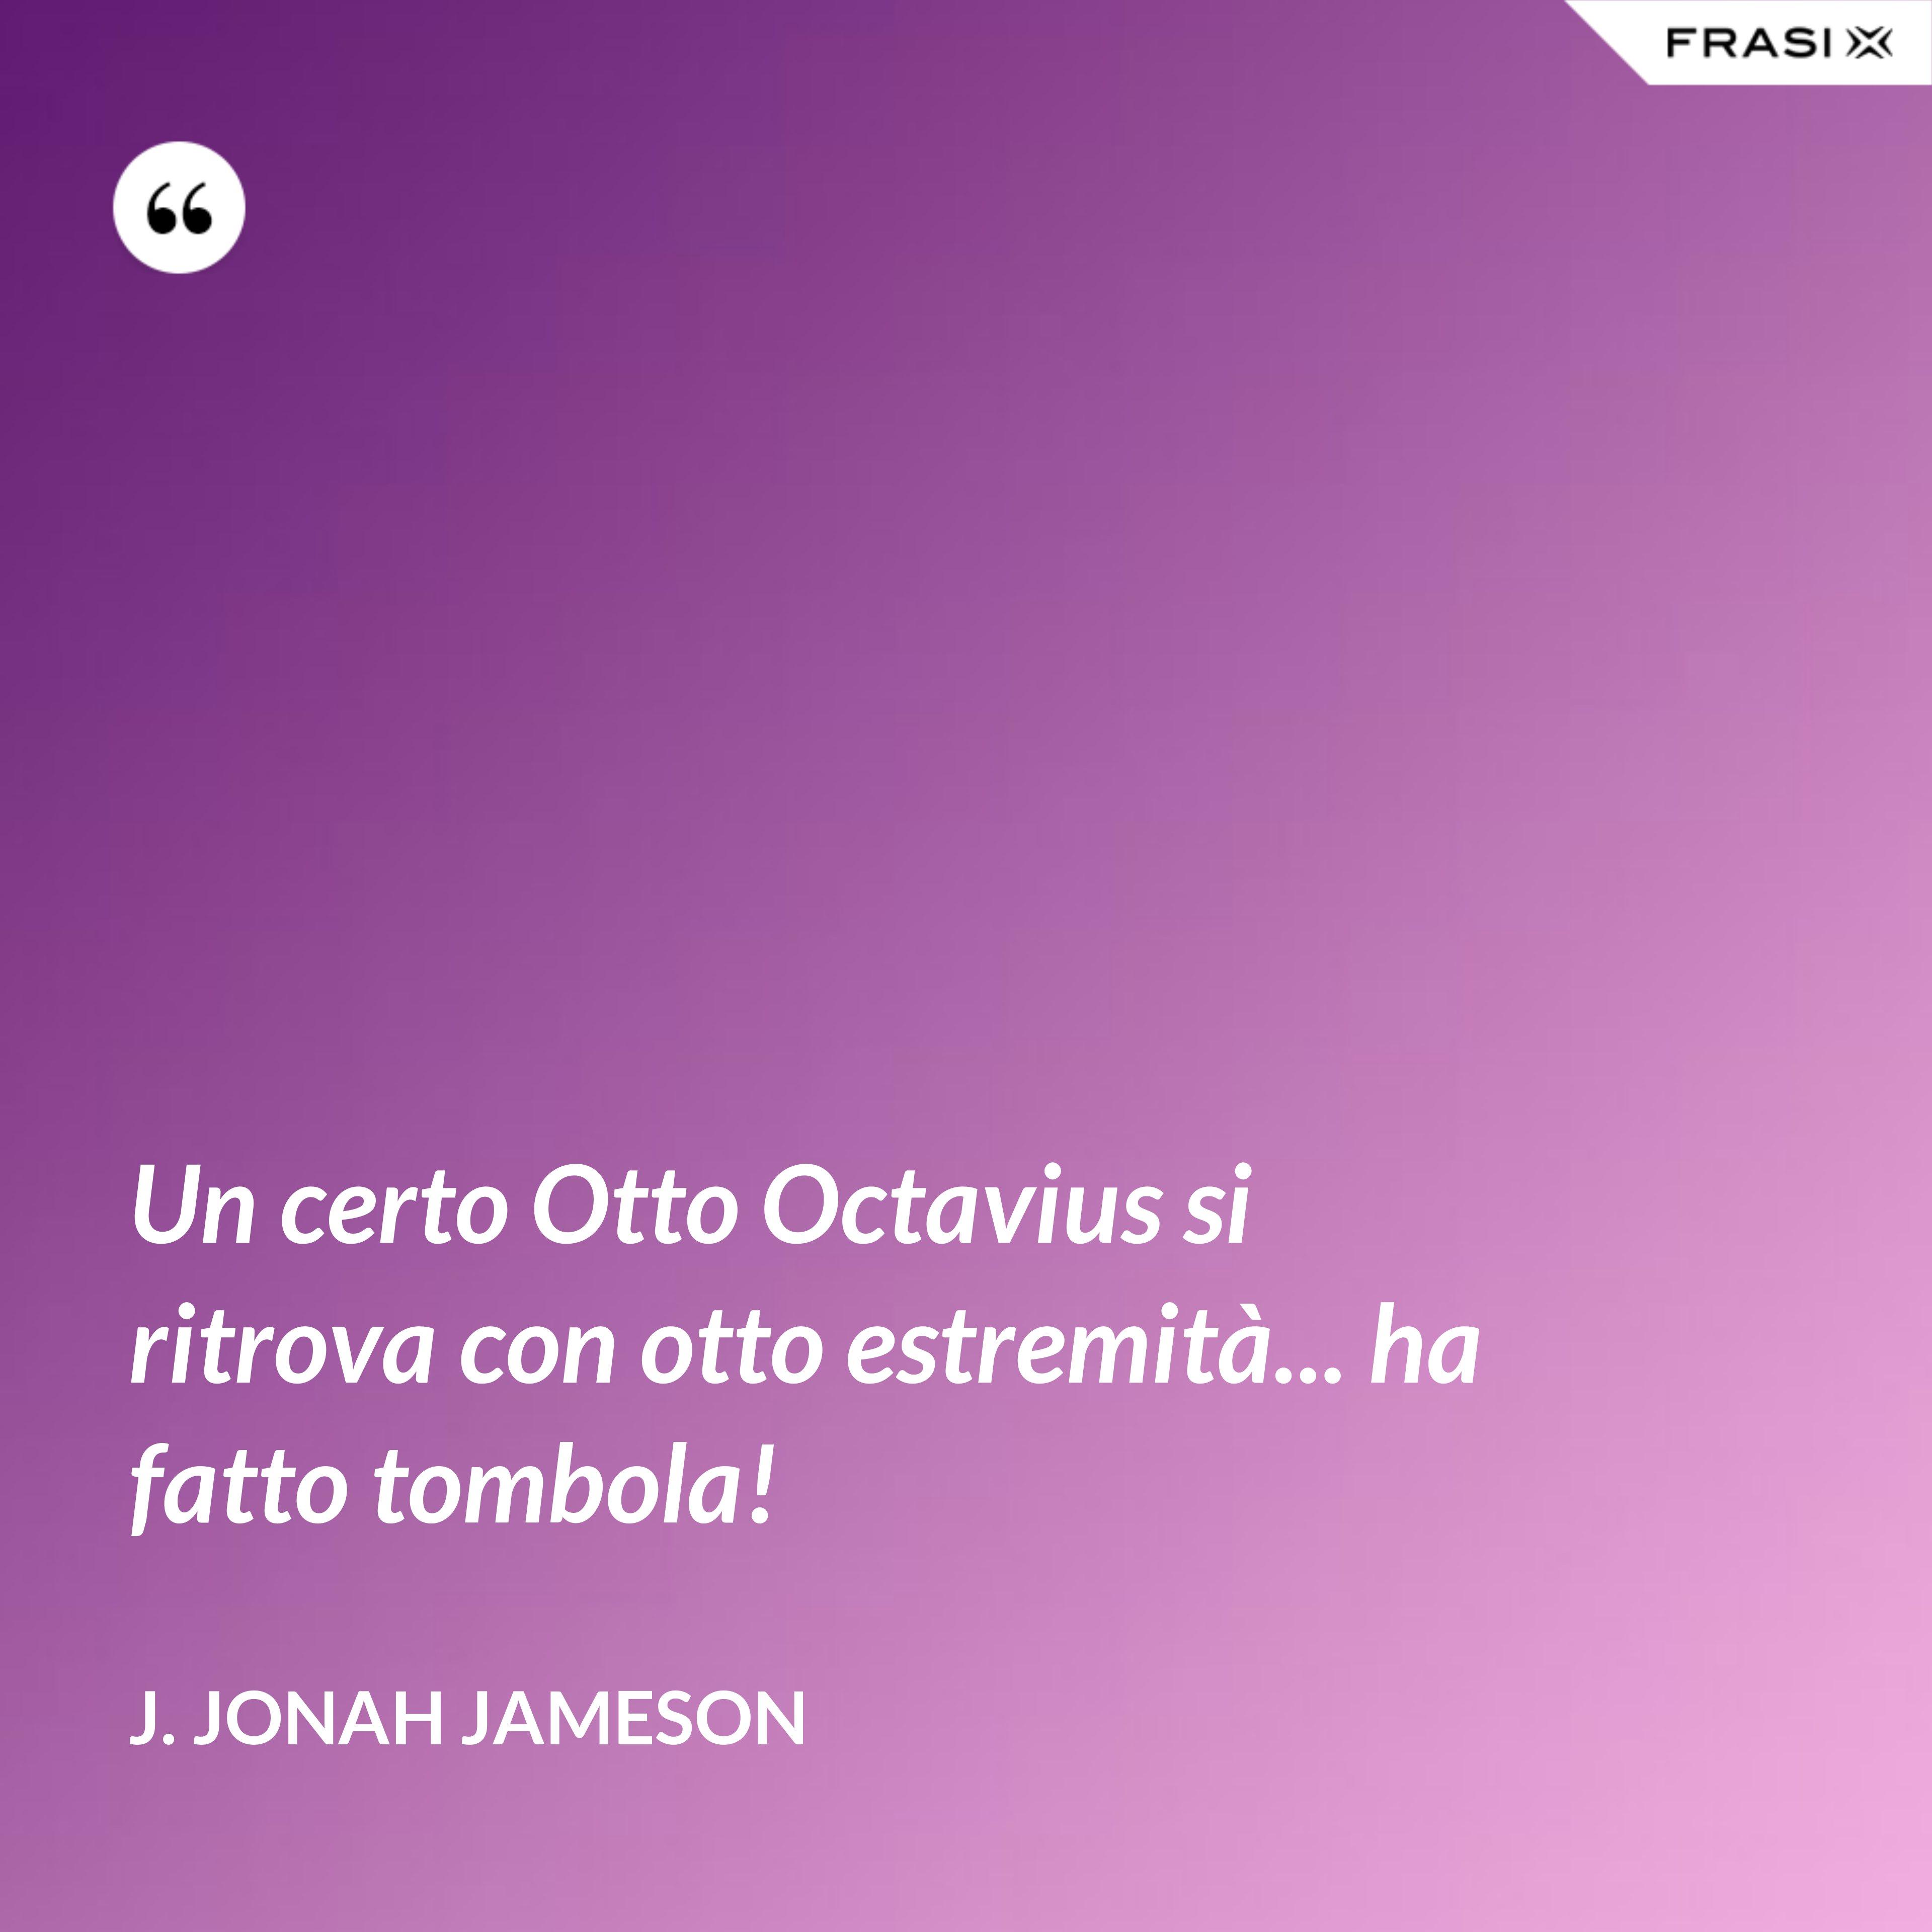 Un certo Otto Octavius si ritrova con otto estremità... ha fatto tombola! - J. Jonah Jameson